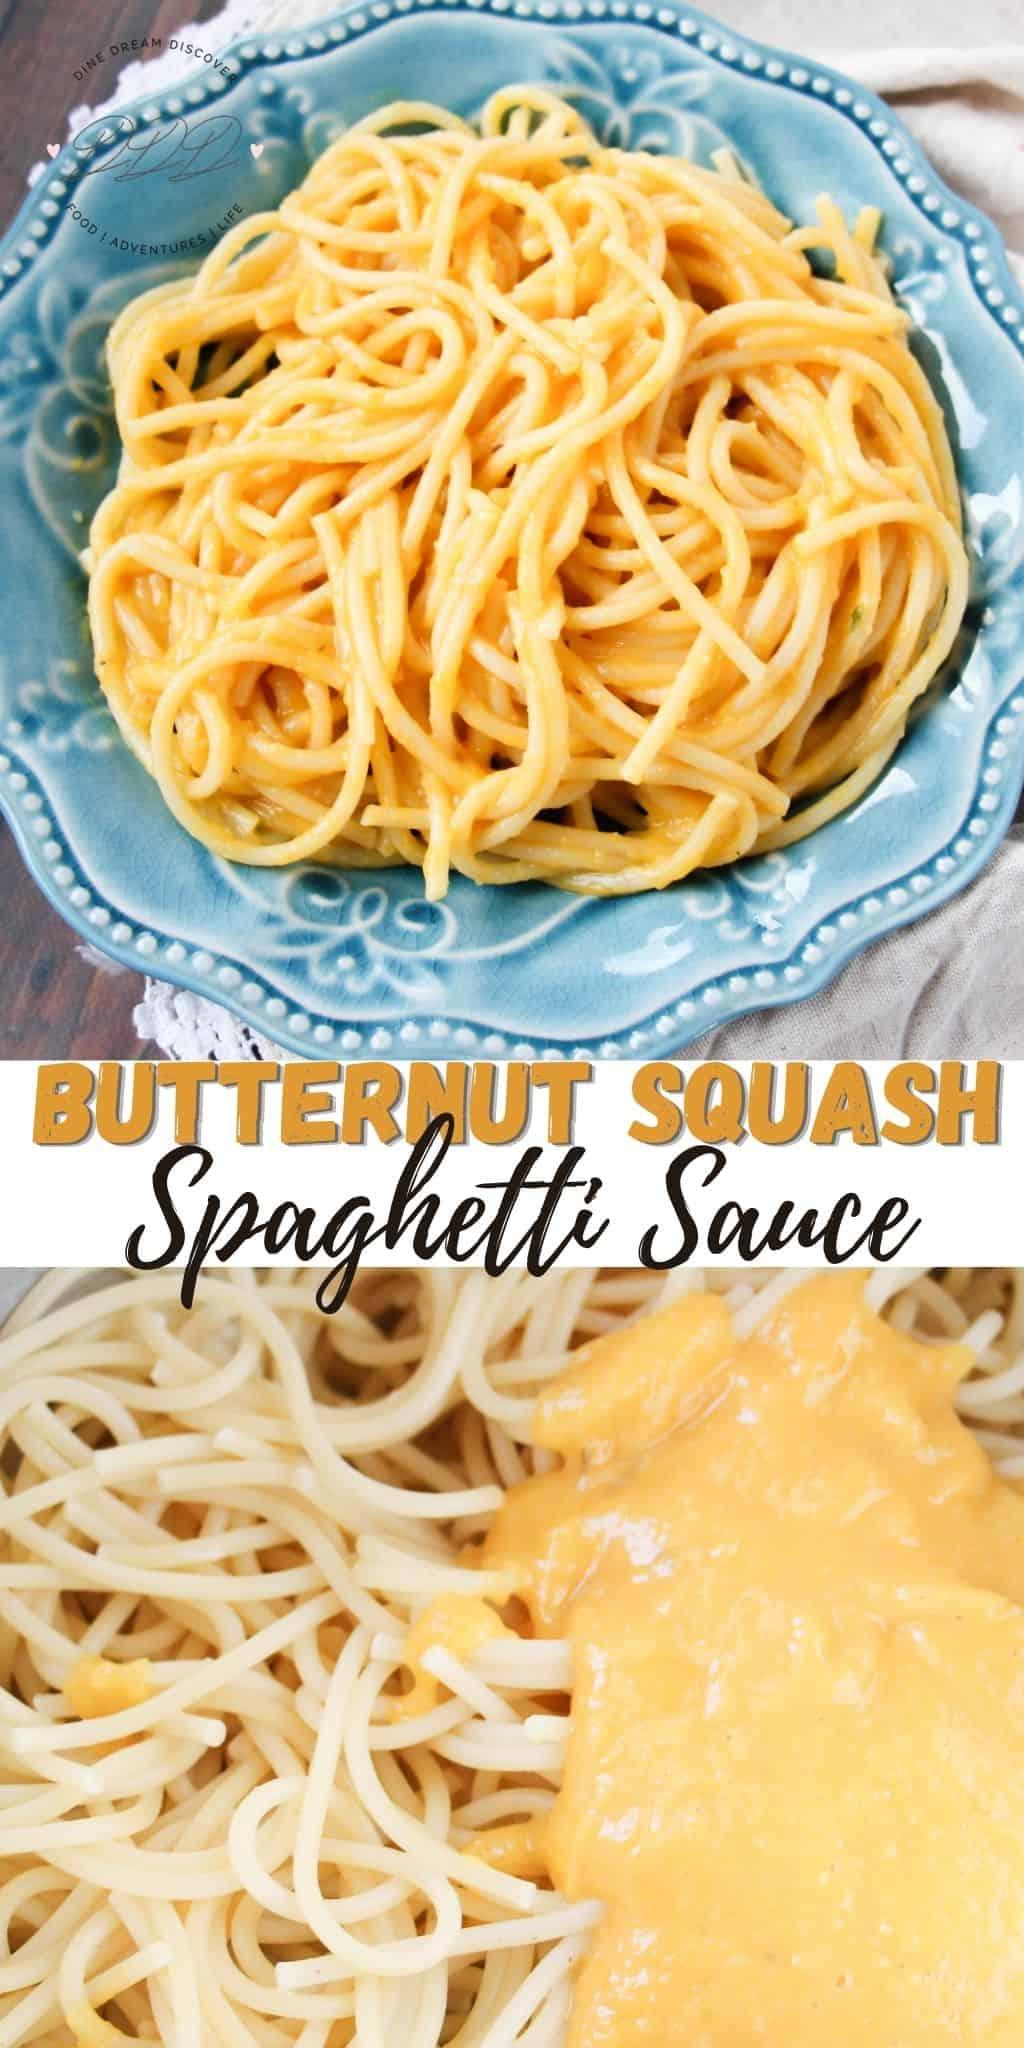 Butternut Squash Spaghetti Sauce